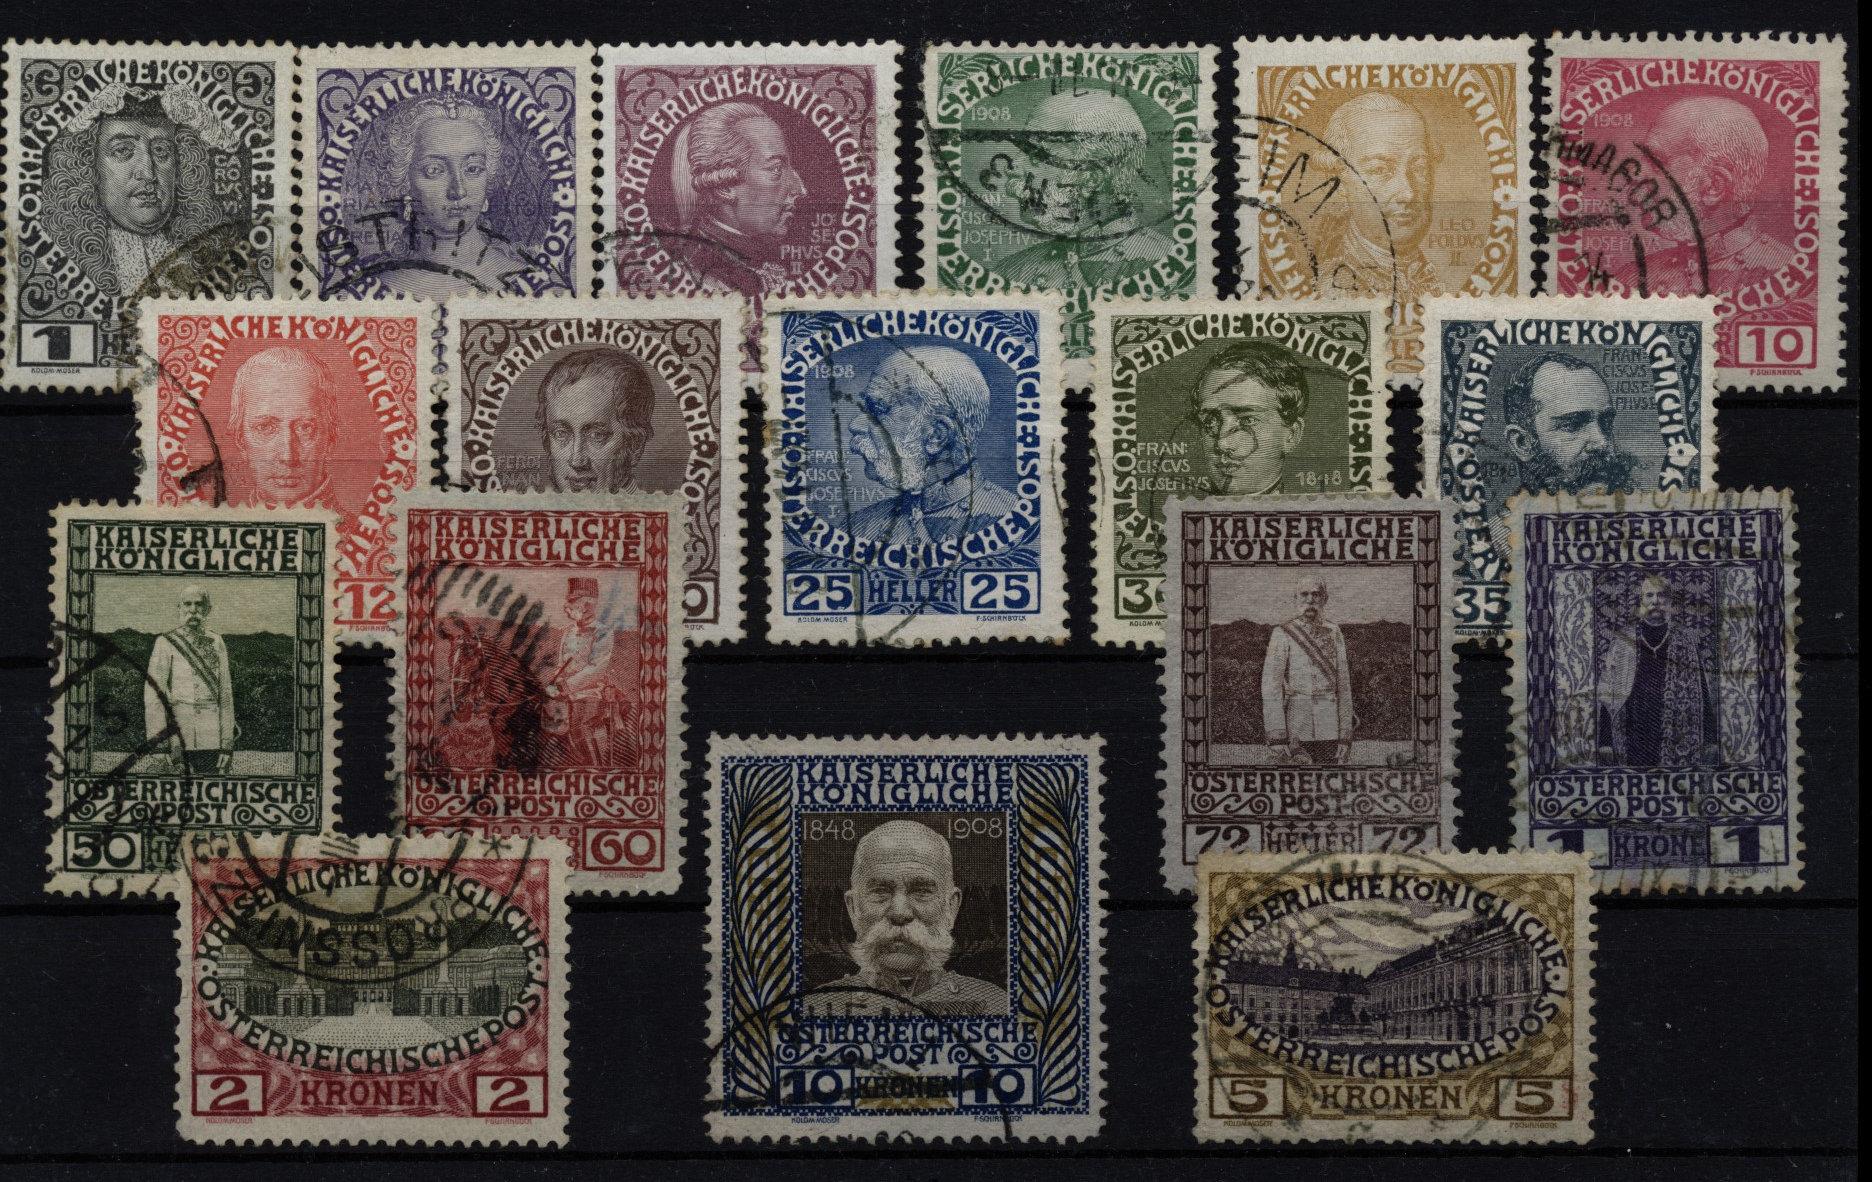 1908 ANK 139-156, JUBILÄUMSAUSGABE, Satz, gestempelt, Kw:120,-€ - <span itemprop='availableAtOrFrom'>Eberau, Österreich</span> - 1908 ANK 139-156, JUBILÄUMSAUSGABE, Satz, gestempelt, Kw:120,-€ - Eberau, Österreich